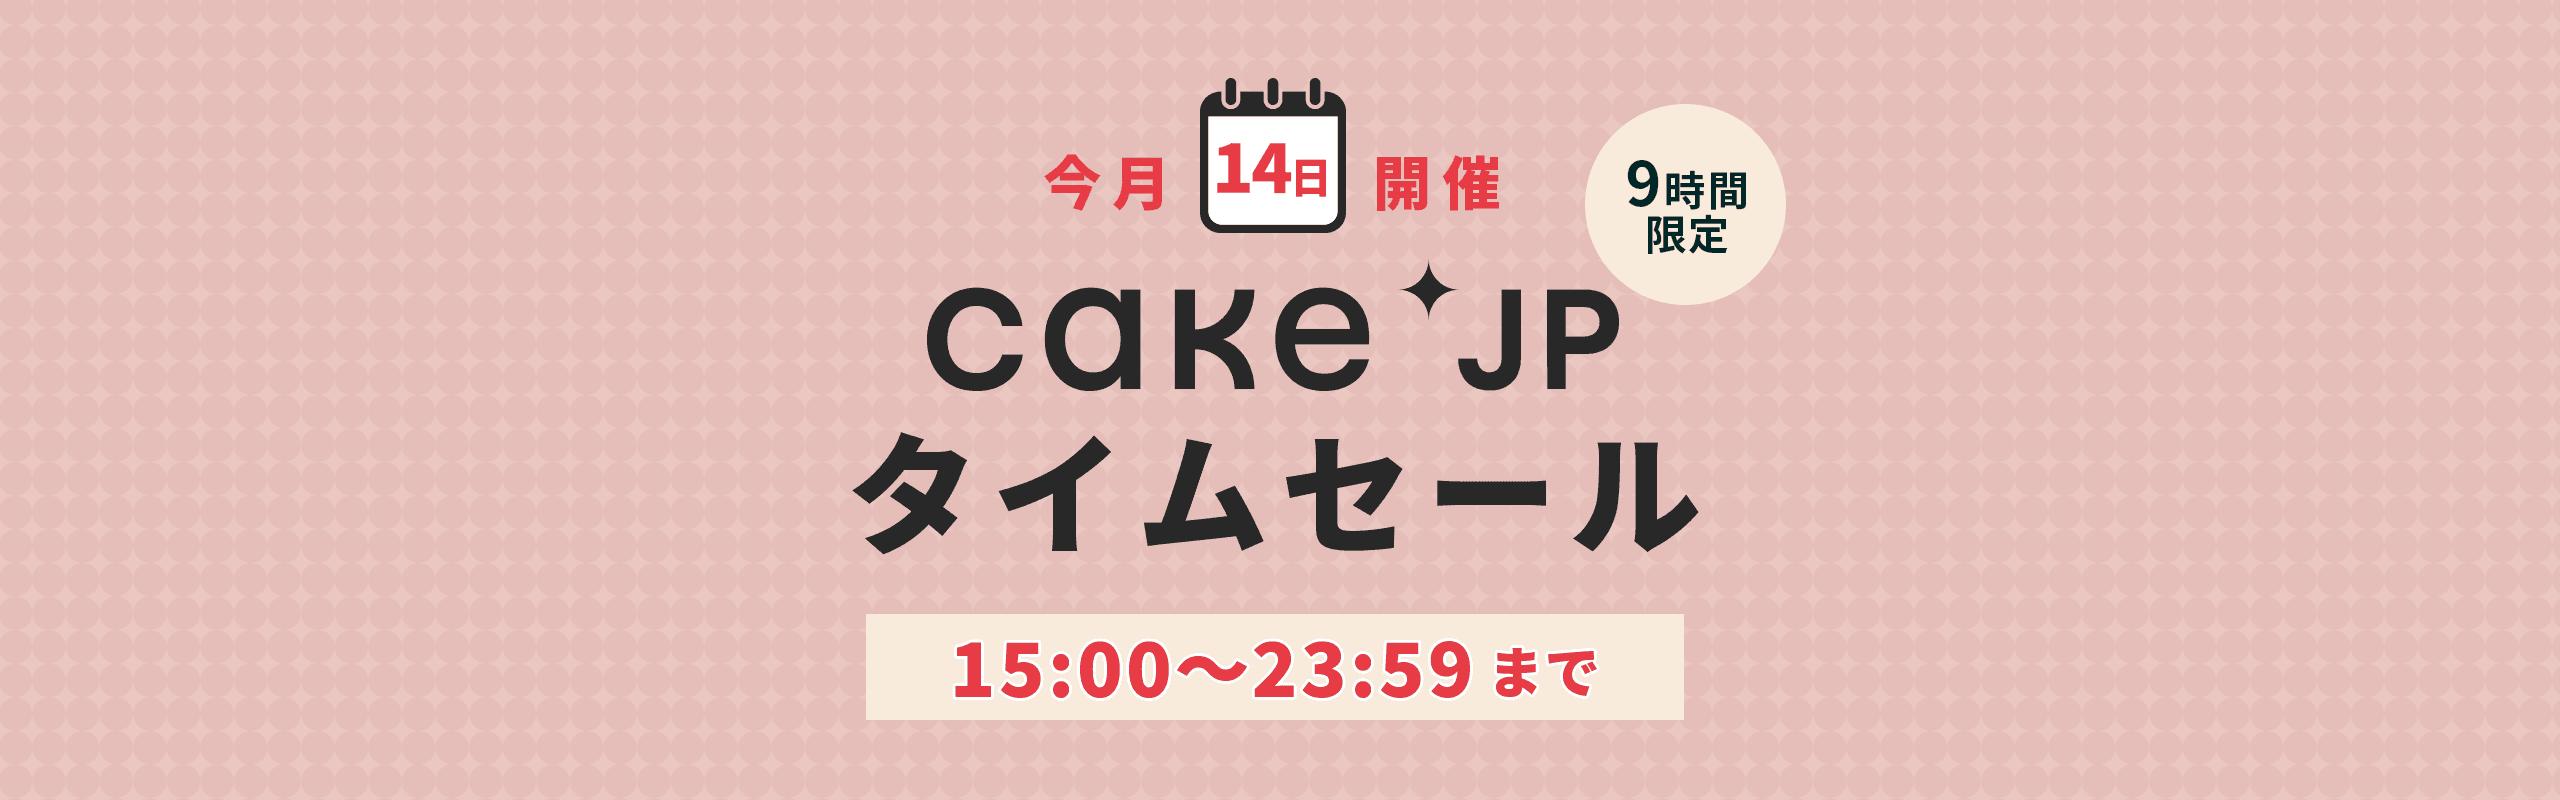 Cake.jpタイムセール